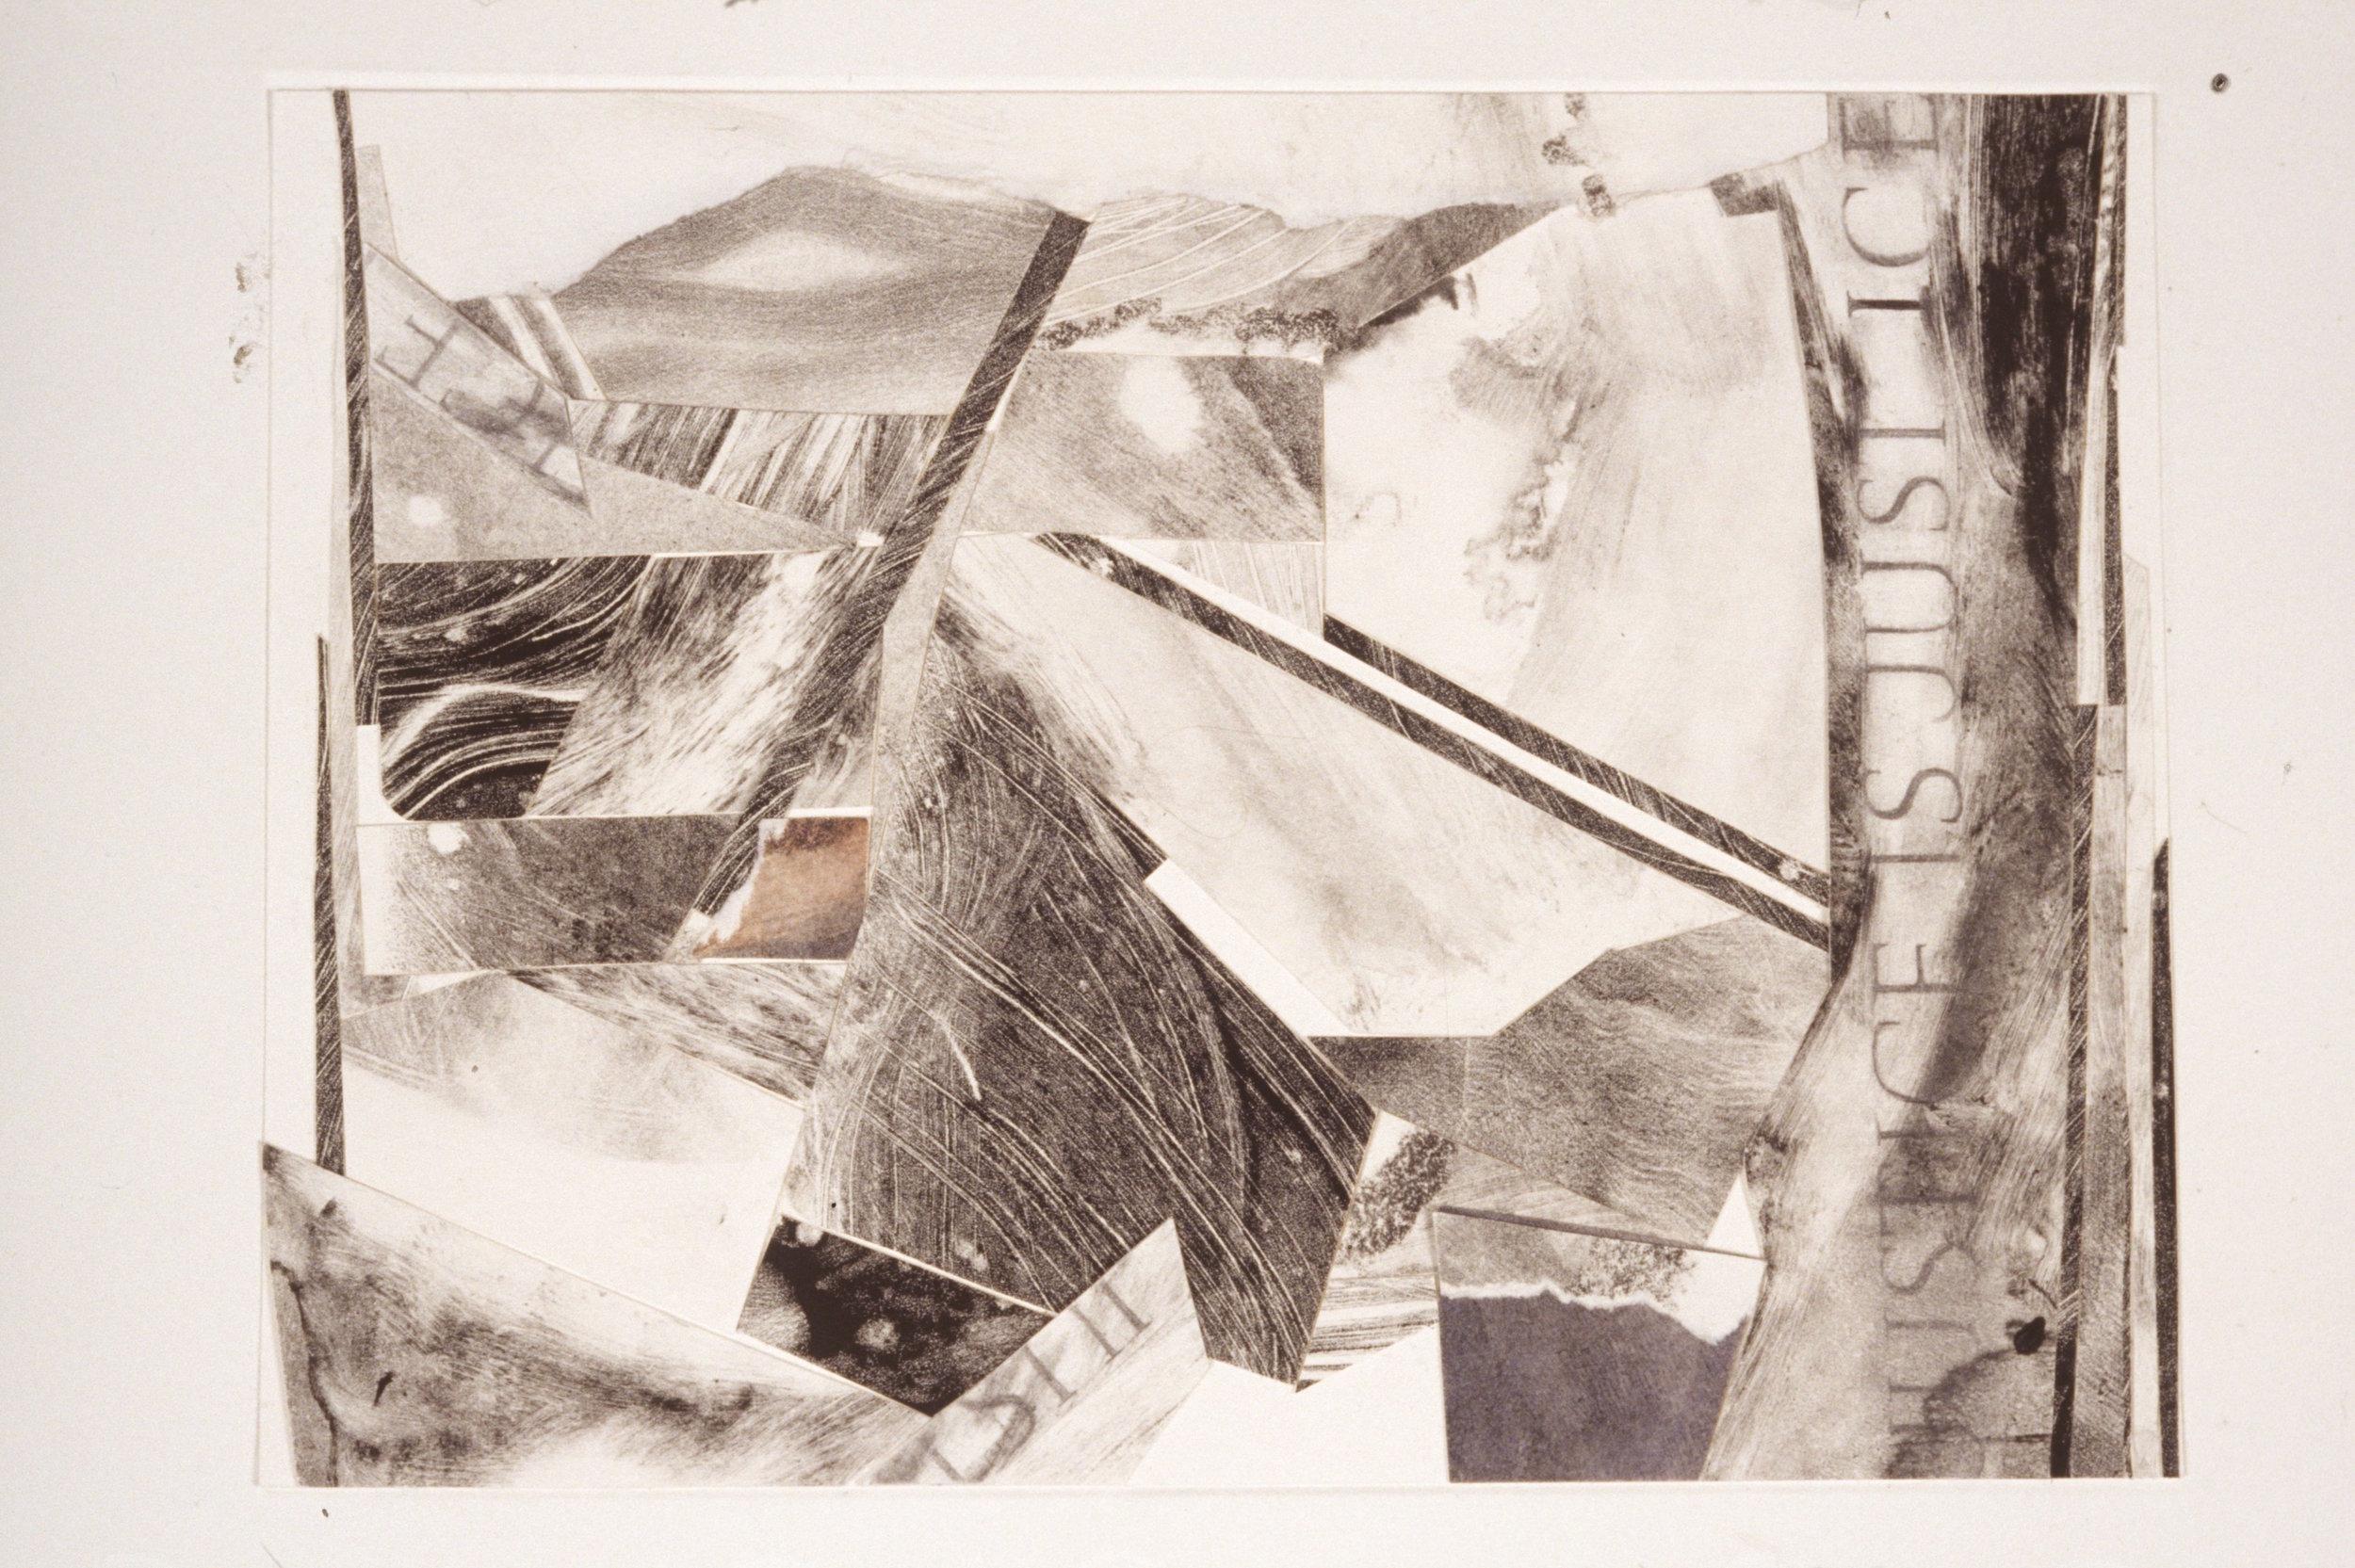 Mixed Media Collages - 1993.Mixed Media Collages: ink, graphite, watercolor, paper..